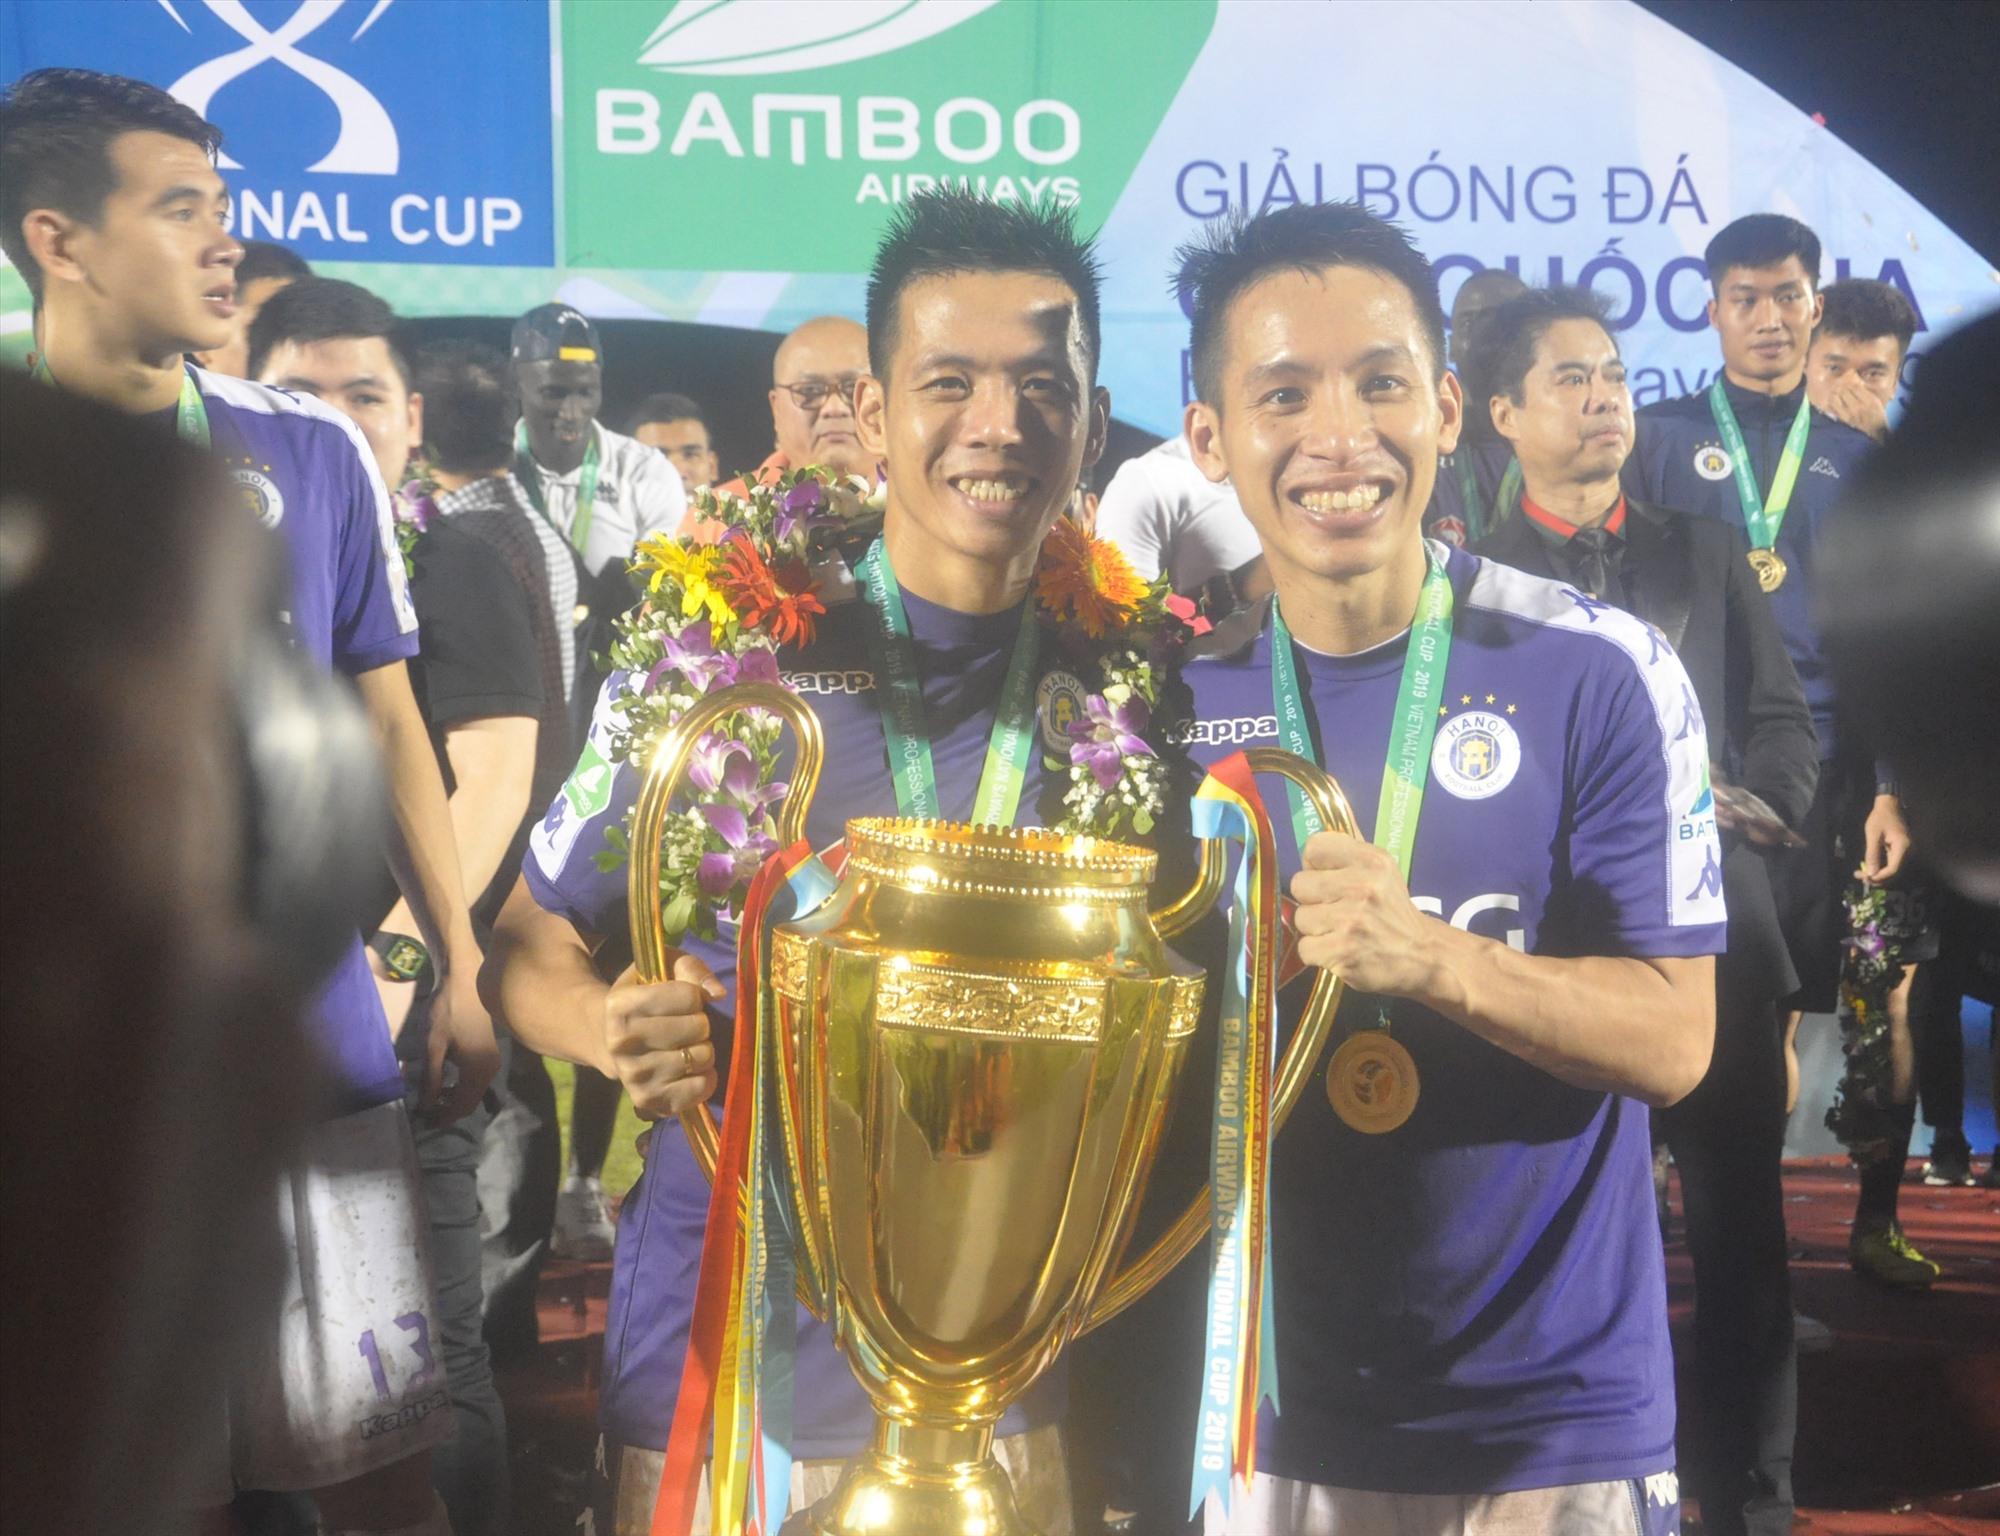 Nhiều người chờ xem Quả bóng vàng Việt Nam 2019 Đỗ Hùng Dũng (bên phải) cùng đương kim vô địch Hà Nội thể hiện ra sao trong trận ra mắt Cúp quốc gia 2020.Ảnh: A.S